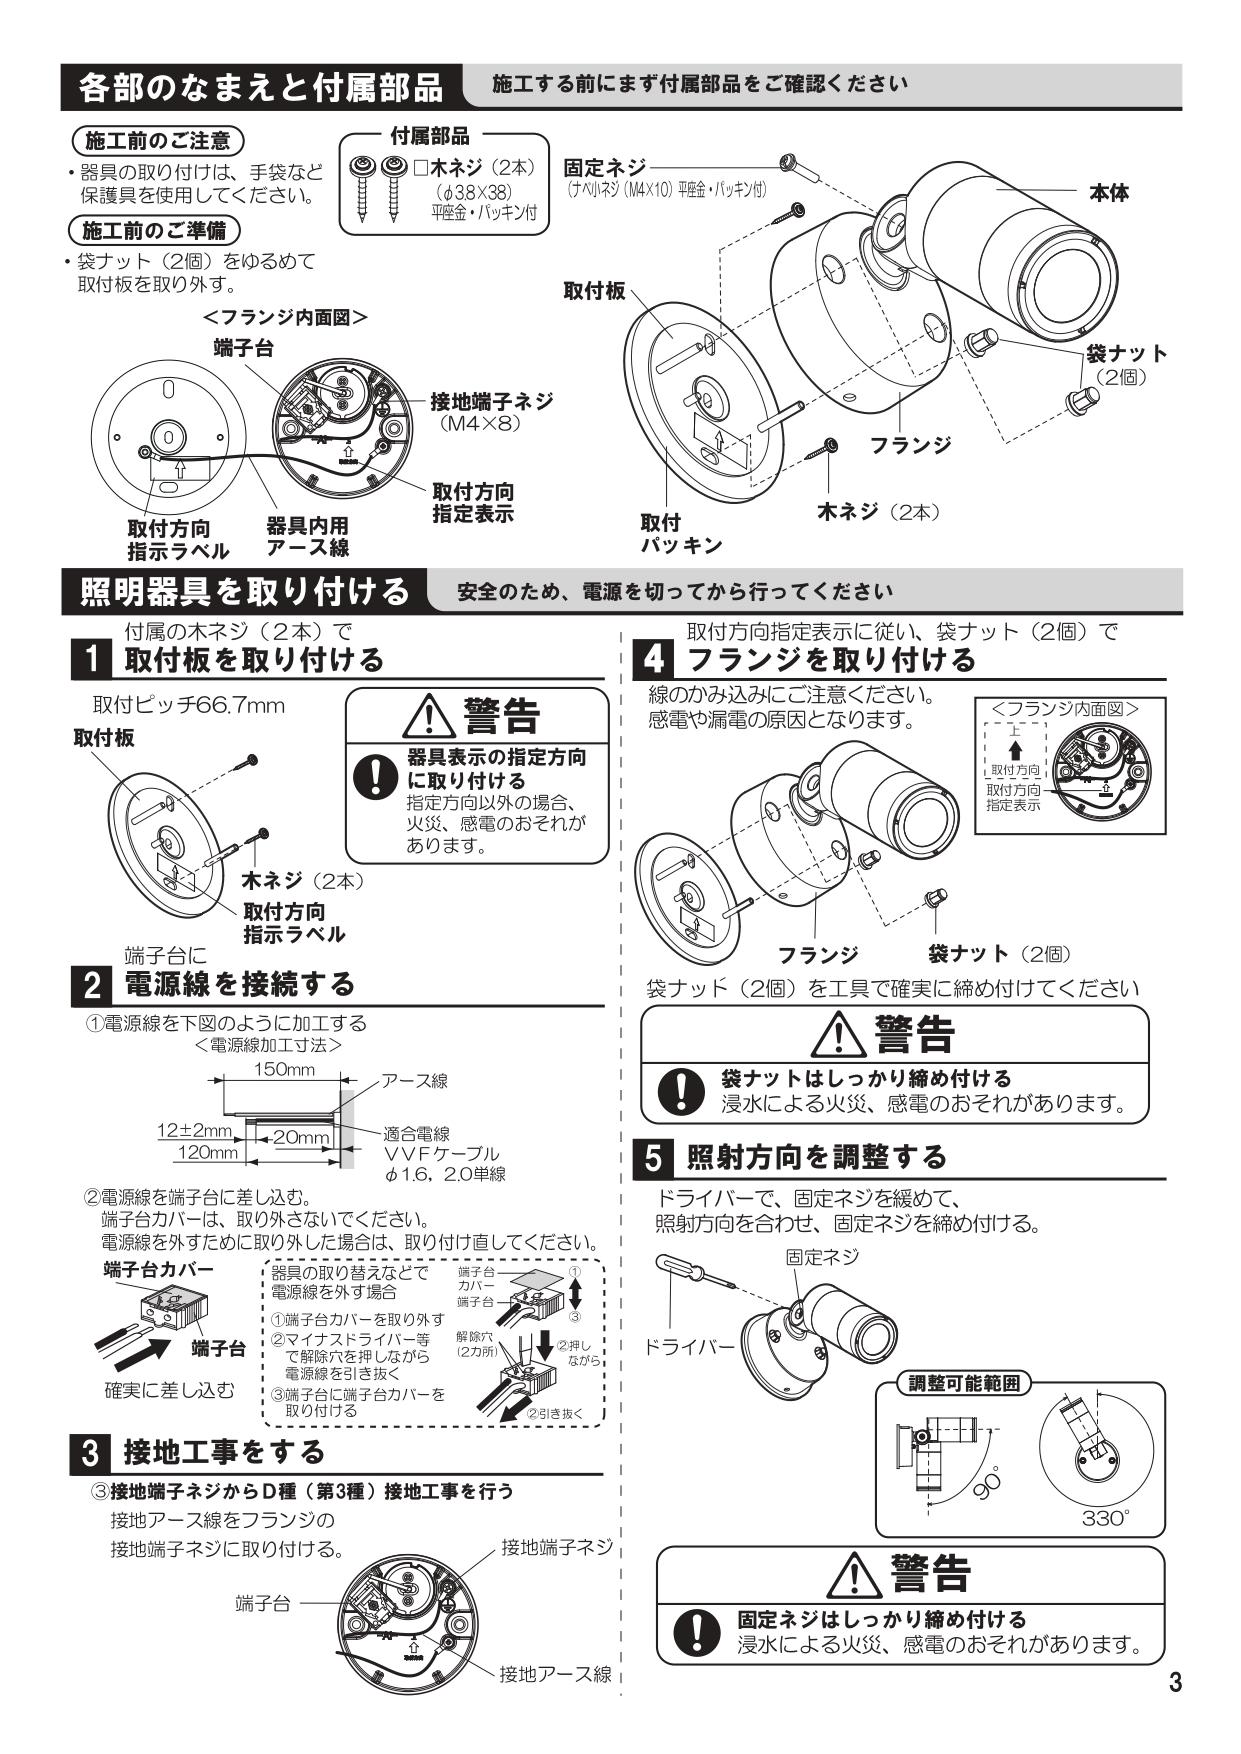 エクステリアライト GLS1型 スポットライト 壁付けタイプ 施工説明書_page-0003